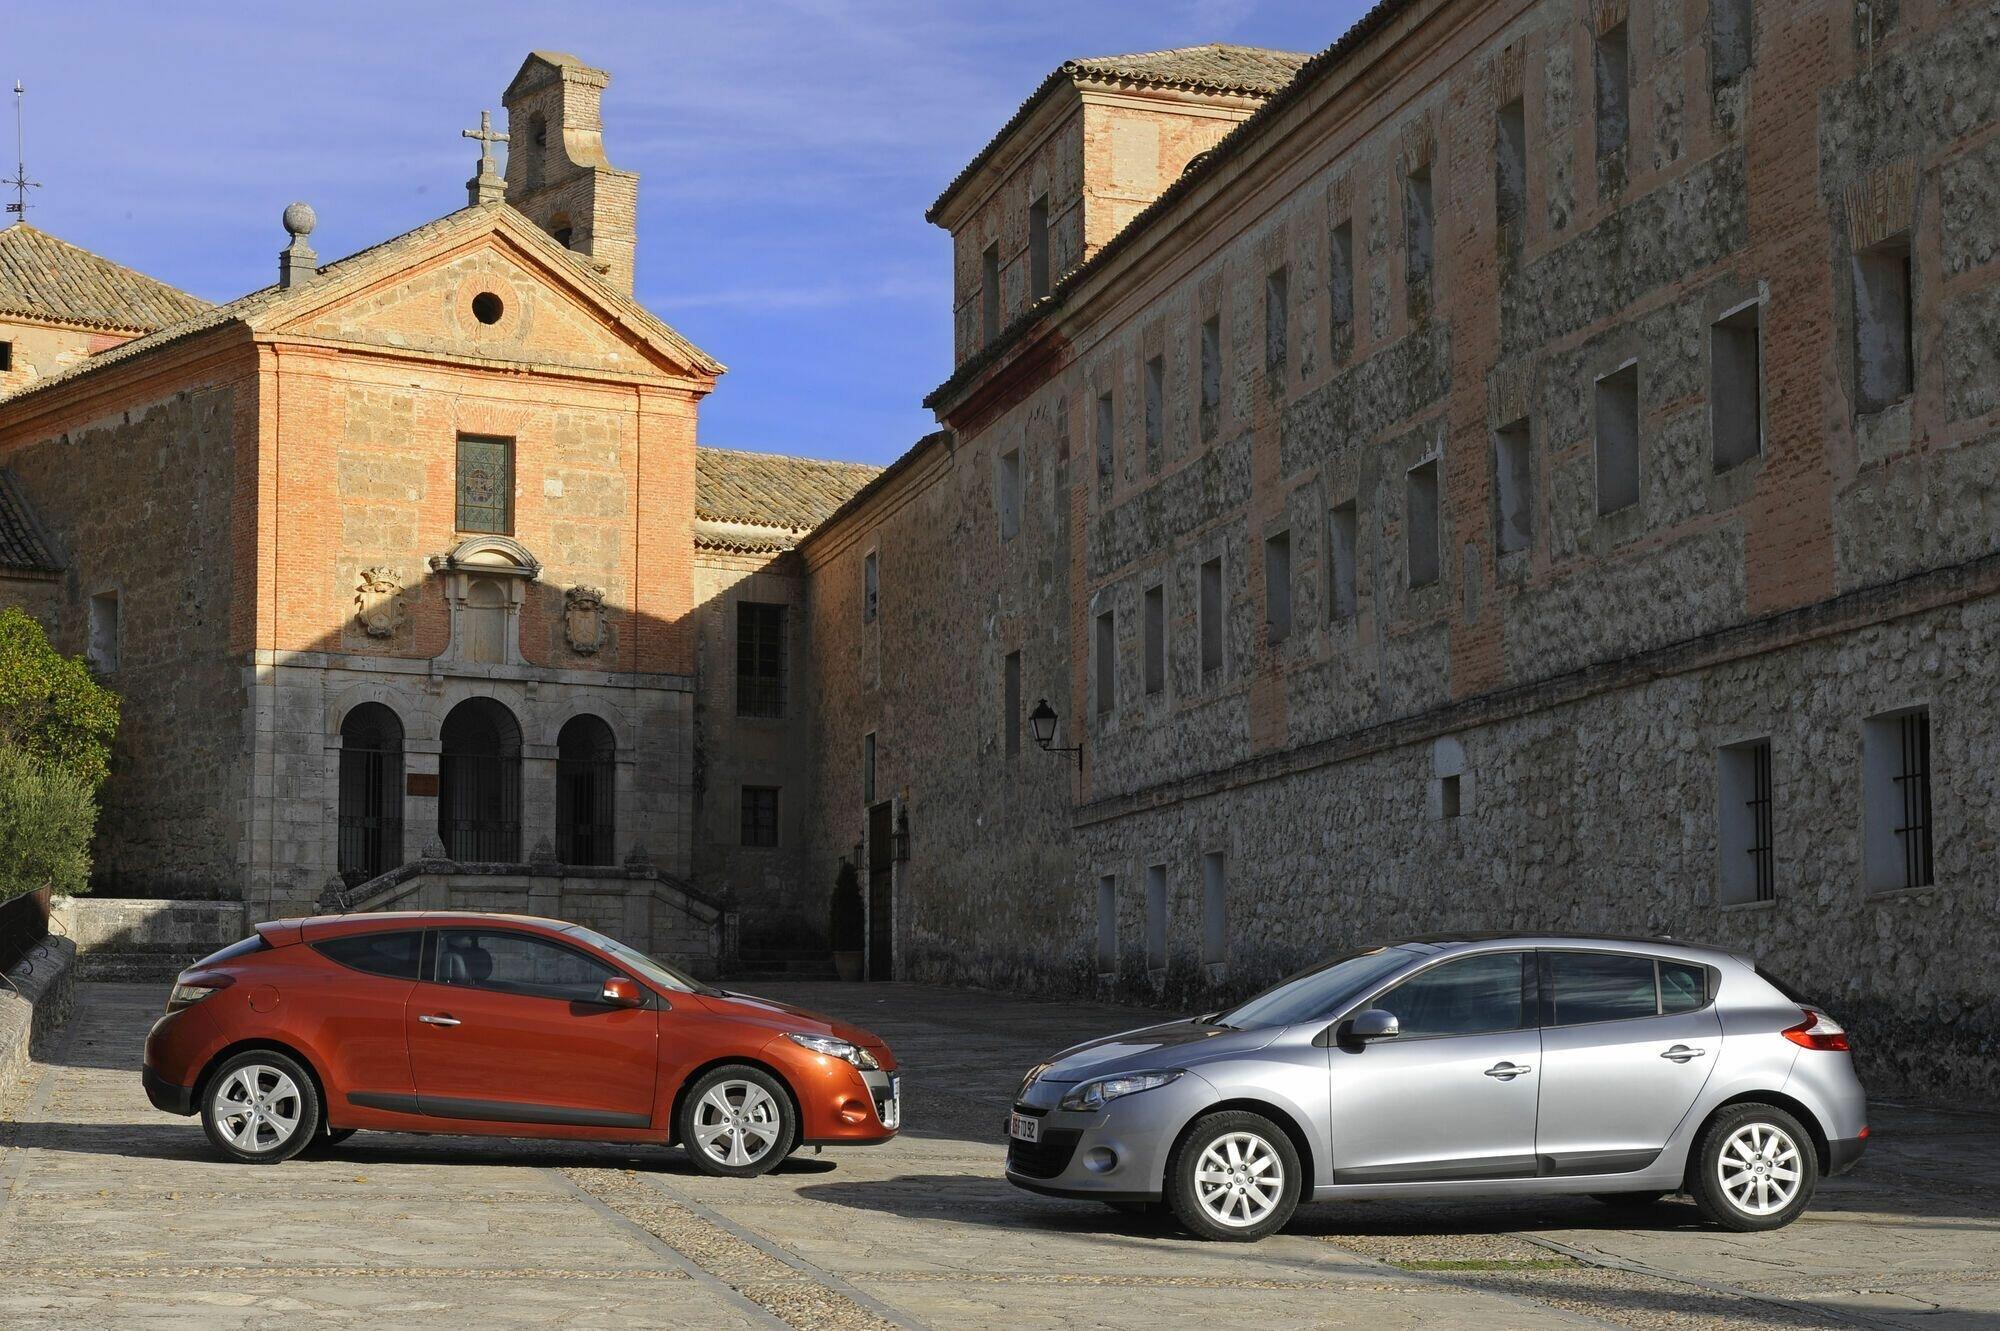 По итогам мая бестселлером стал Renault Megane, за который свои сбережения отдали 2205 украинских автолюбителей